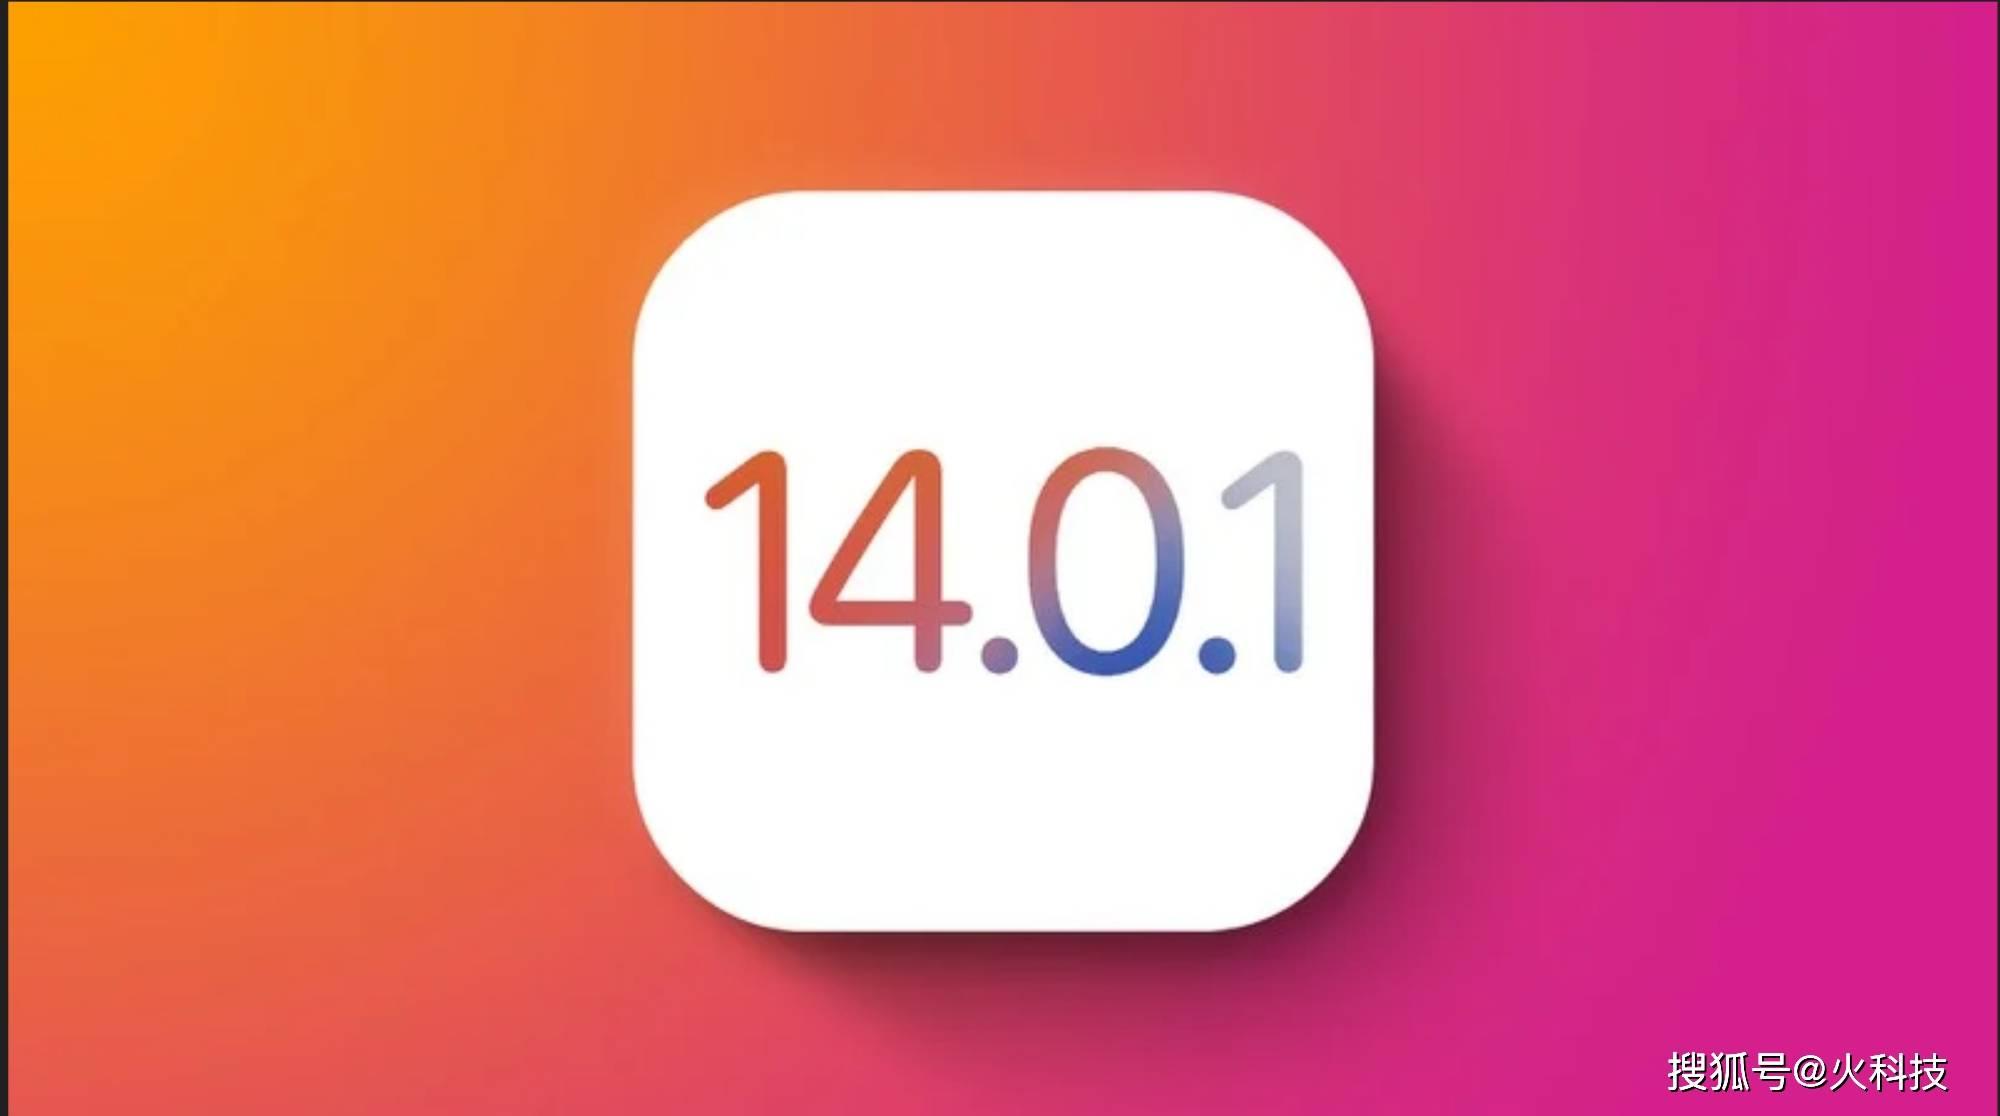 苹果又升级了iOS 14.0.1的正式版,性能和稳定性有提升